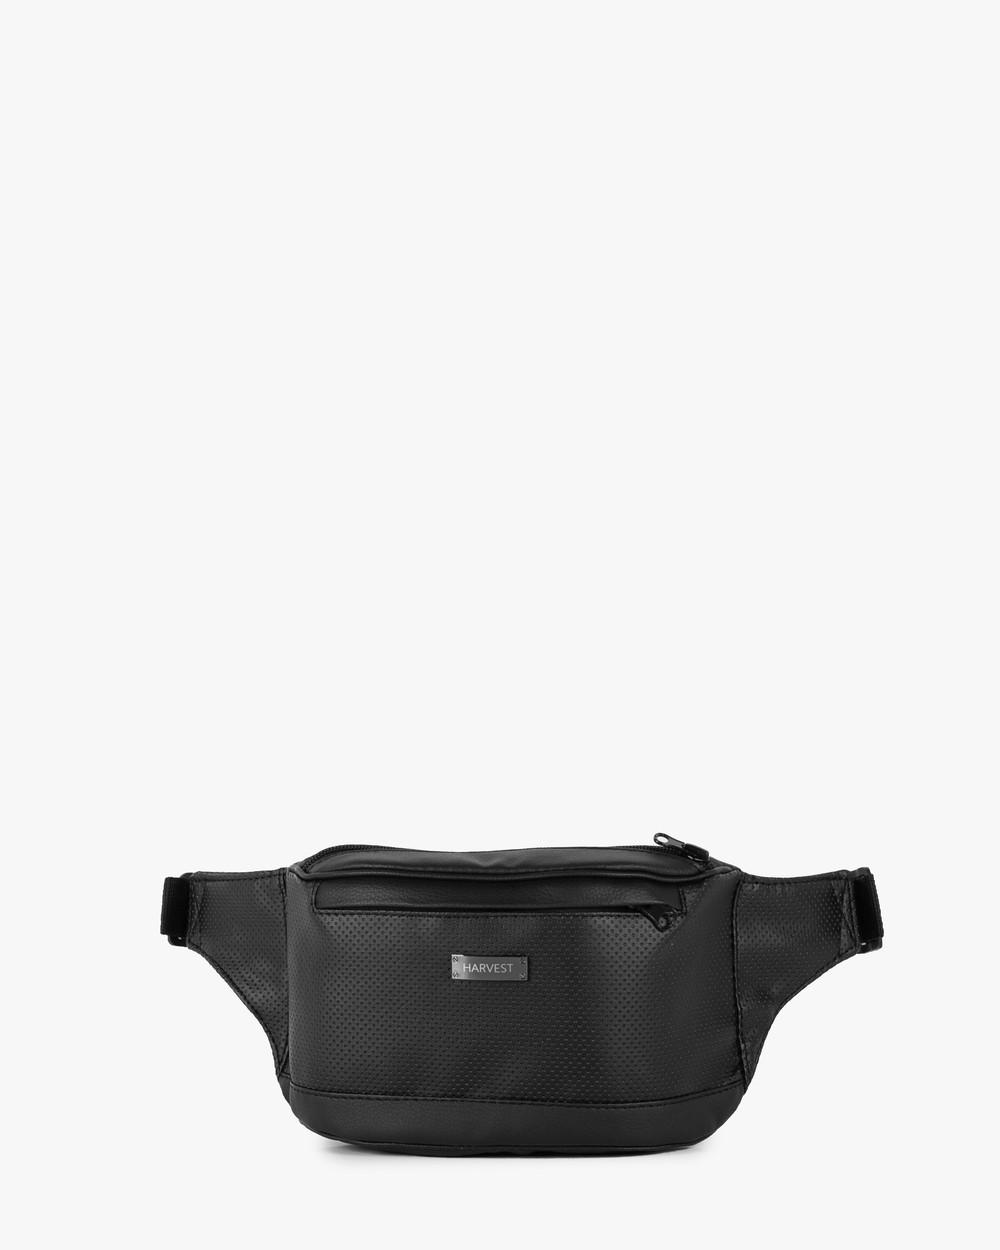 """Поясная сумка """"LARGE"""" перфорация, чёрная, на 2л, бананка, унисекс, повседневная, спортивная, экокожа, Harvest"""